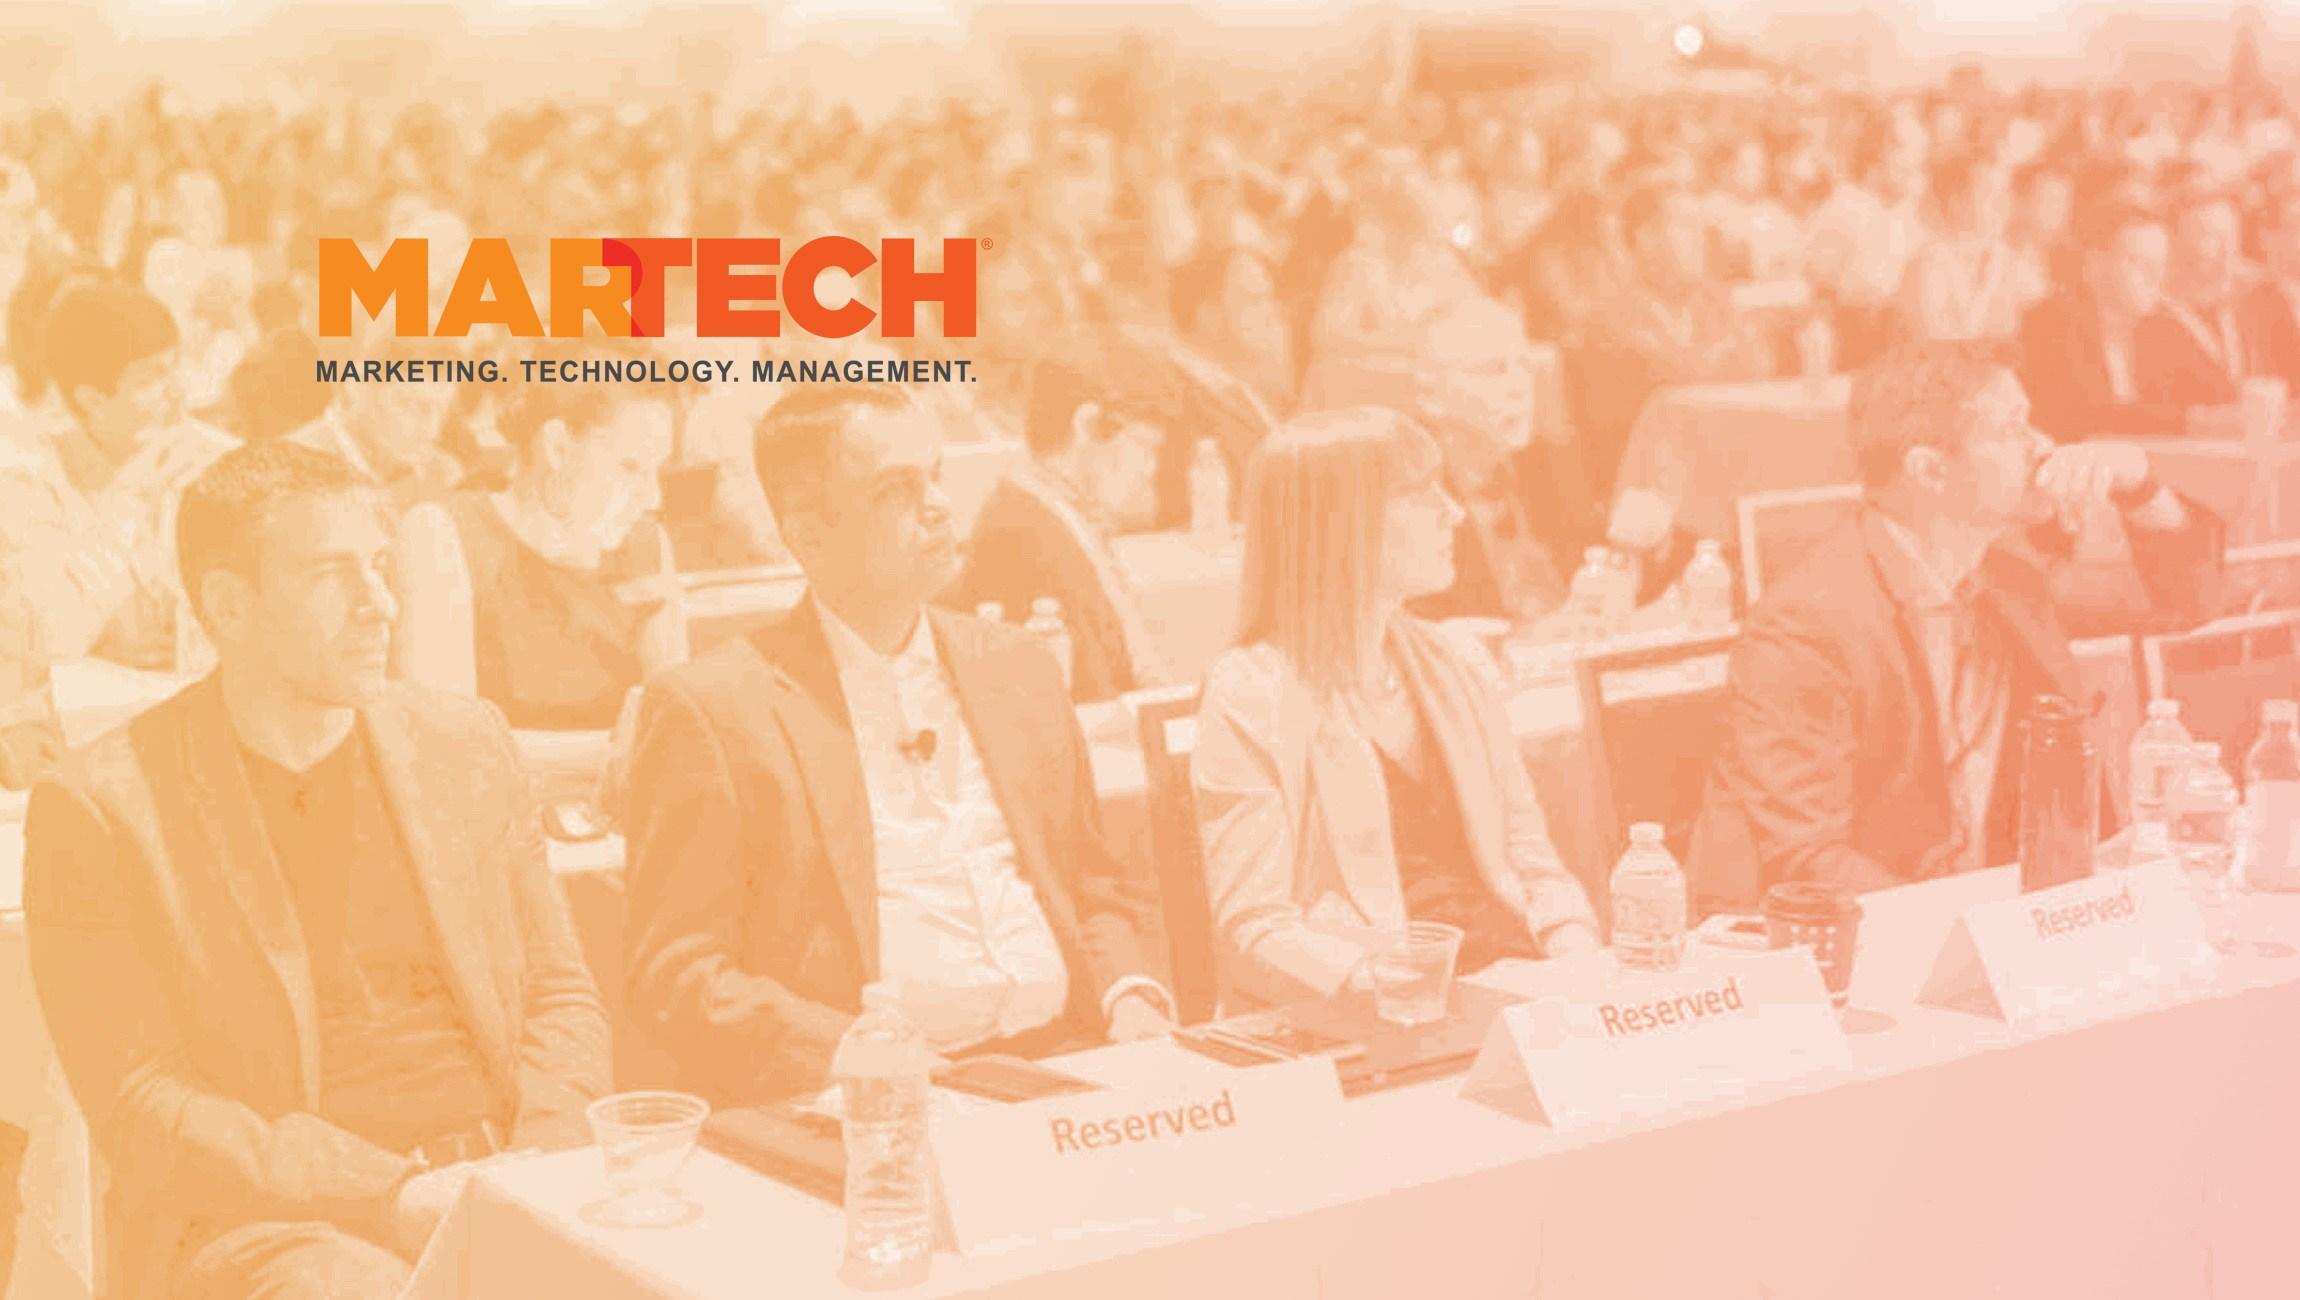 2018 全球营销技术生态图(MarTech Landscape)发布,解决方案总数超过 6000